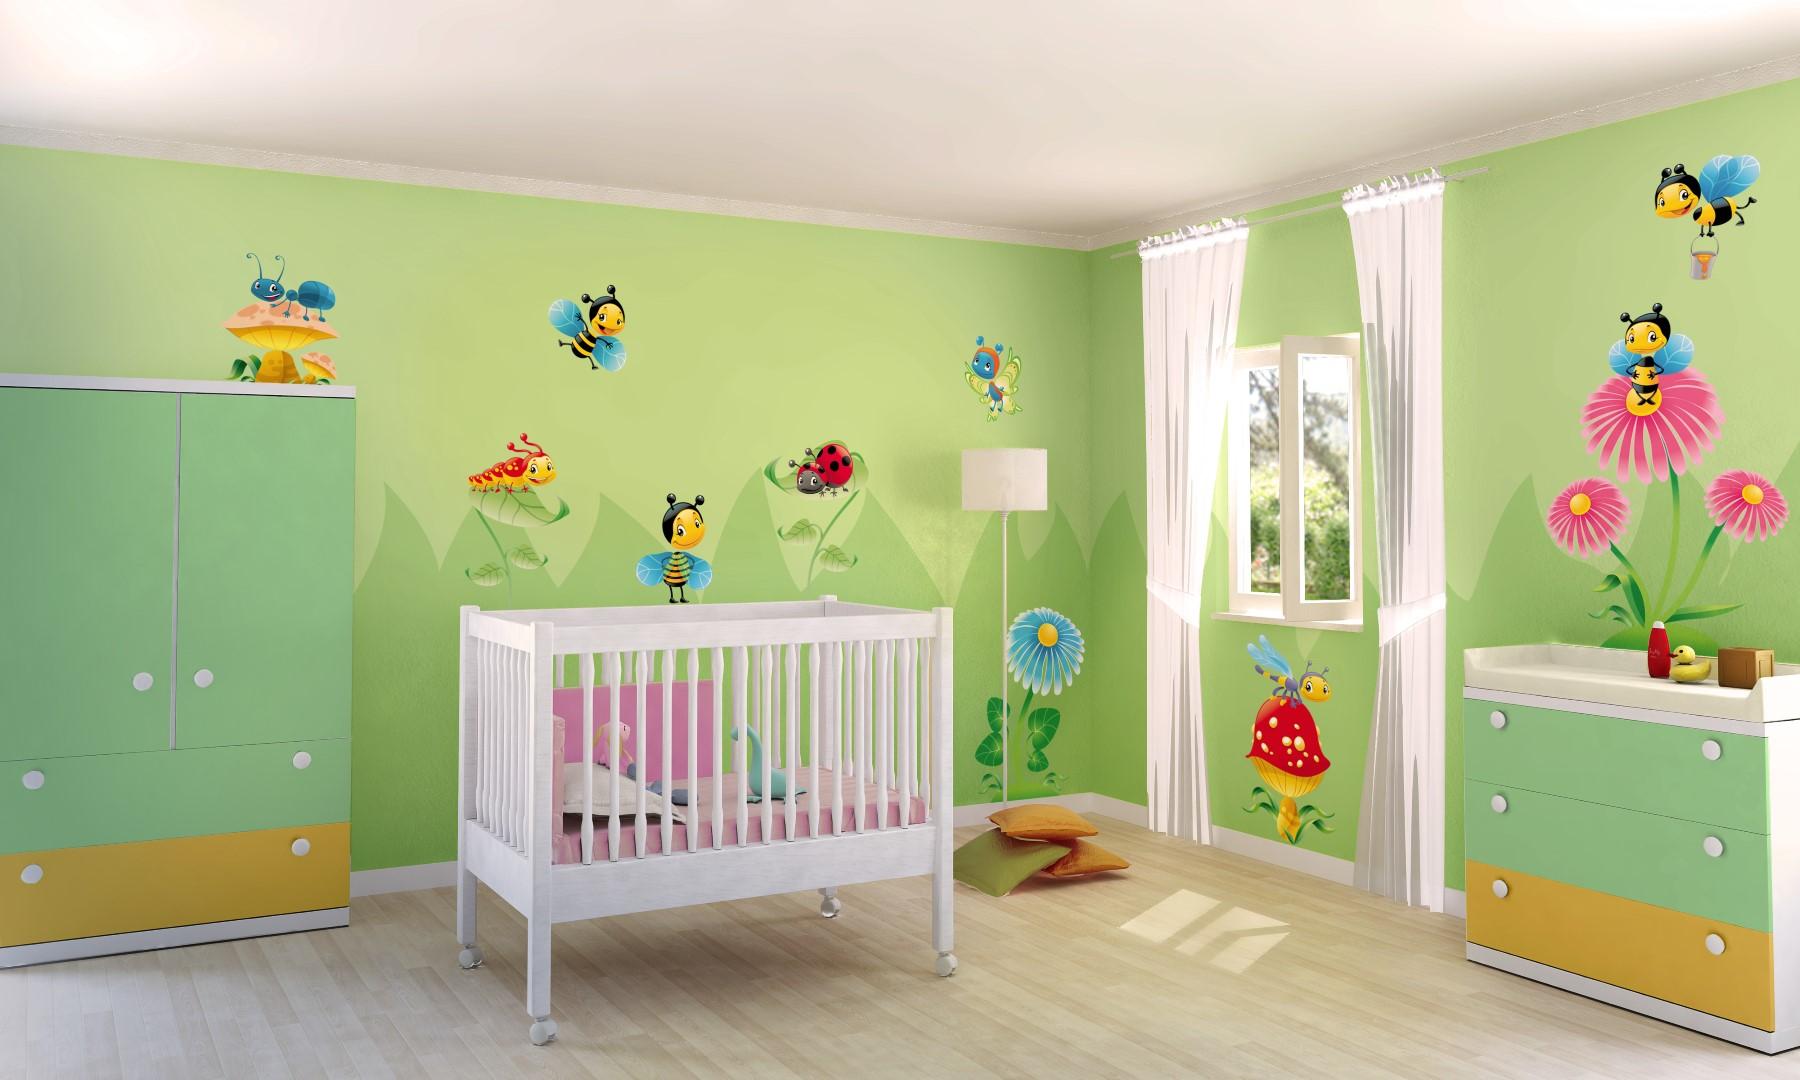 Quale colore per le pareti della cameretta dei bambini i - Muri camerette bambini ...